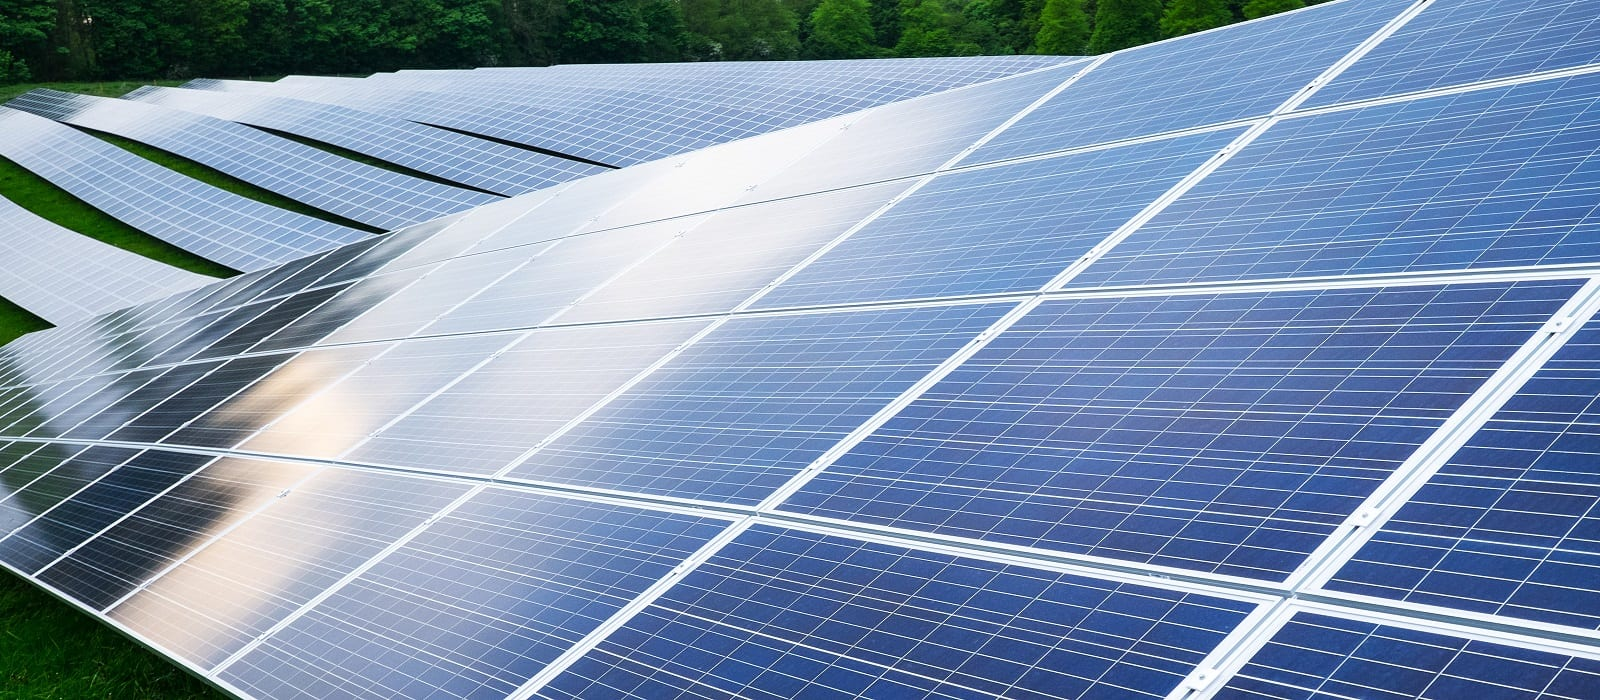 Solar farm in UK